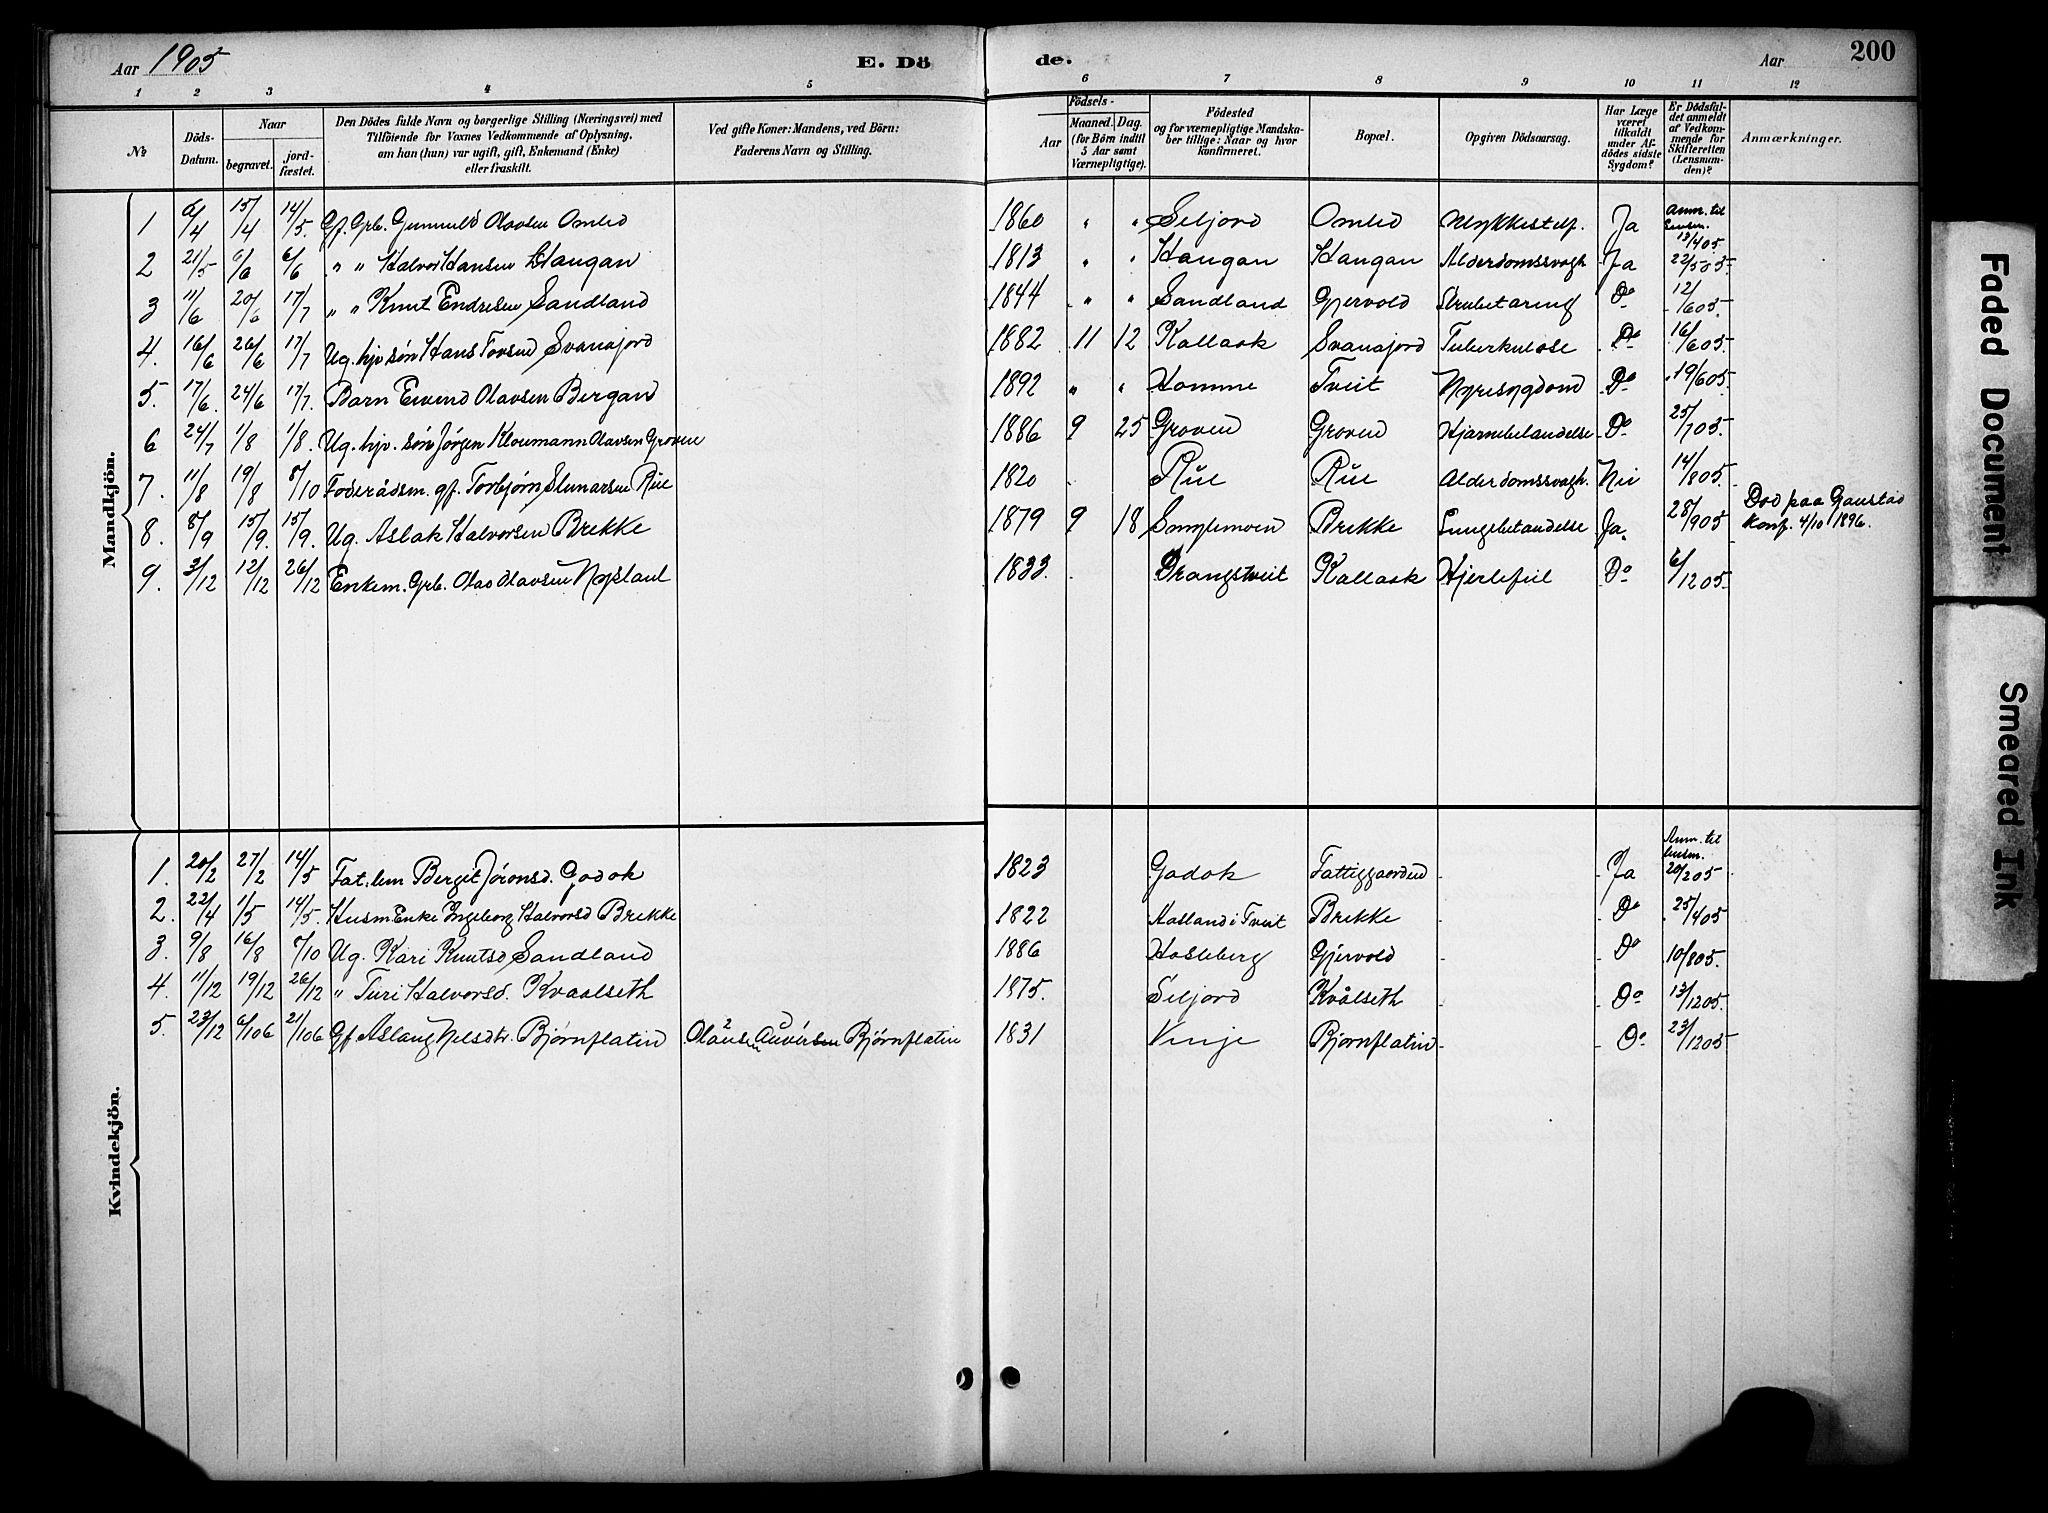 SAKO, Kviteseid kirkebøker, G/Gb/L0003: Klokkerbok nr. II 3, 1893-1933, s. 200